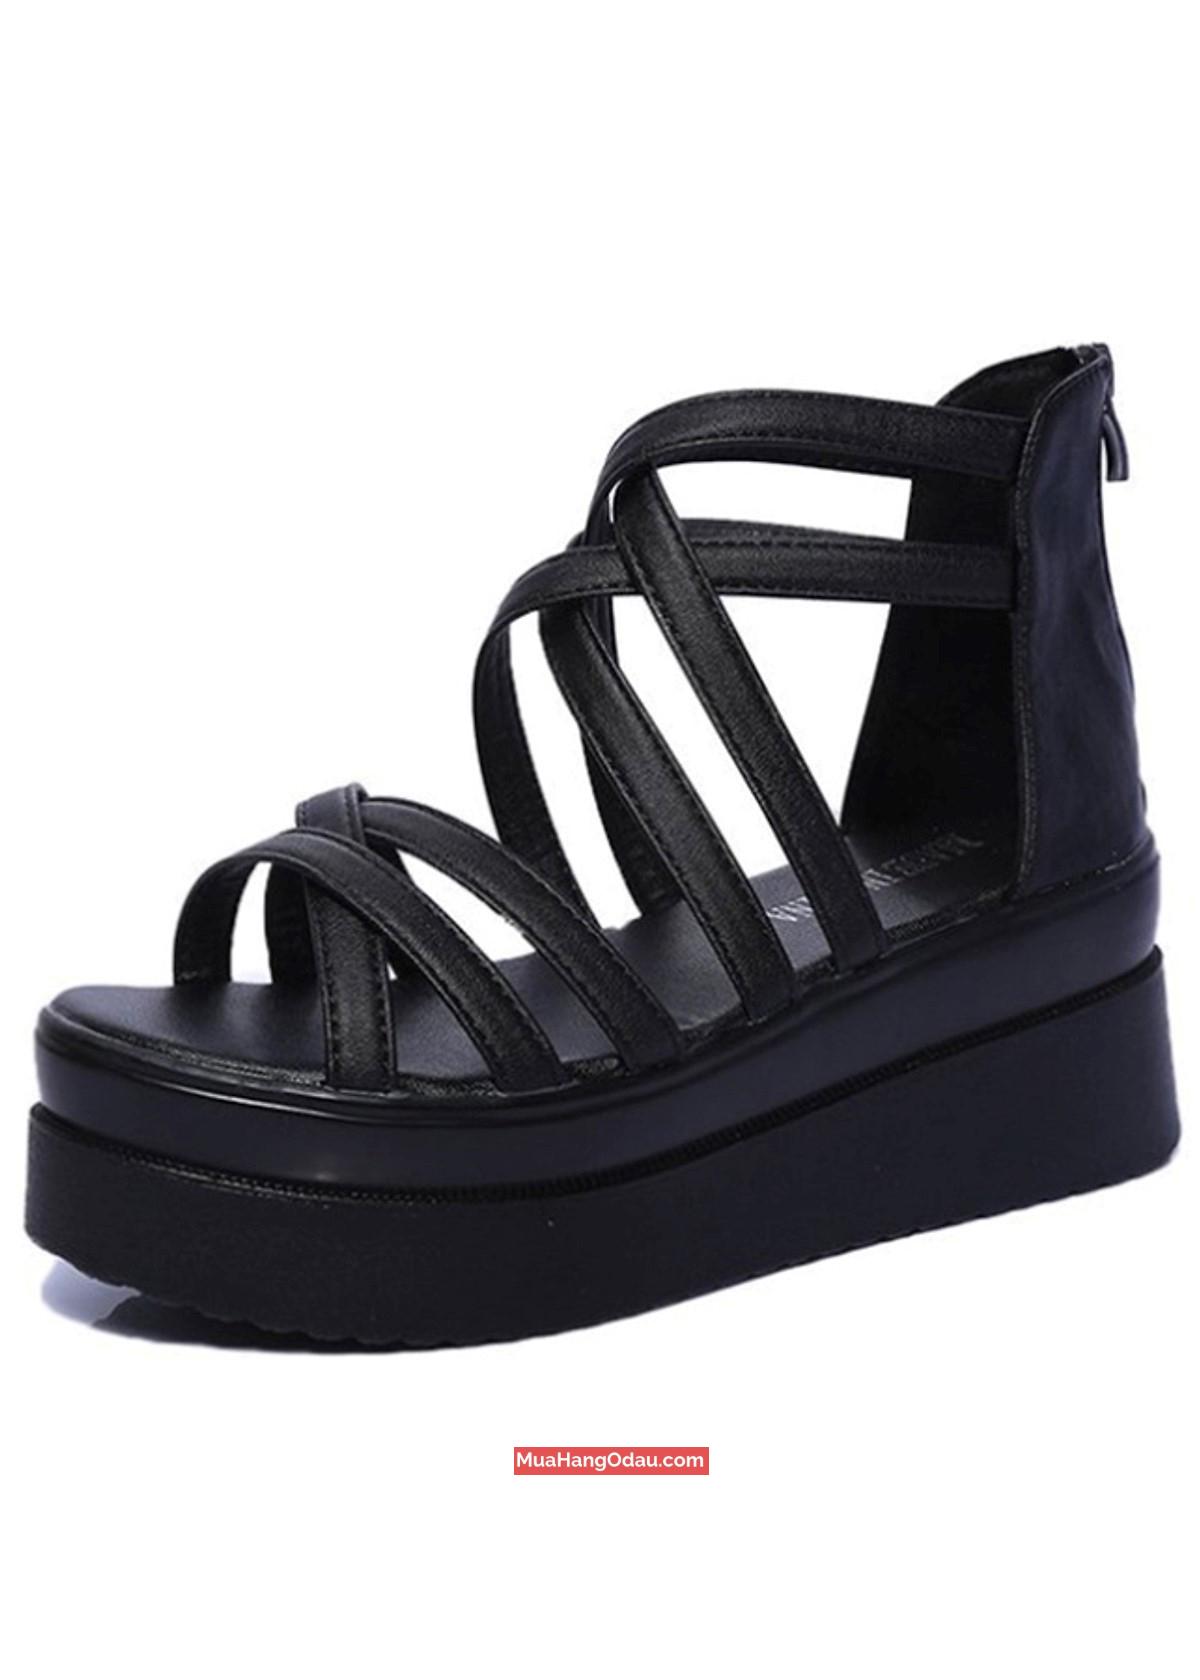 Giày sandal chiến binh 7cm đế xuồng 2